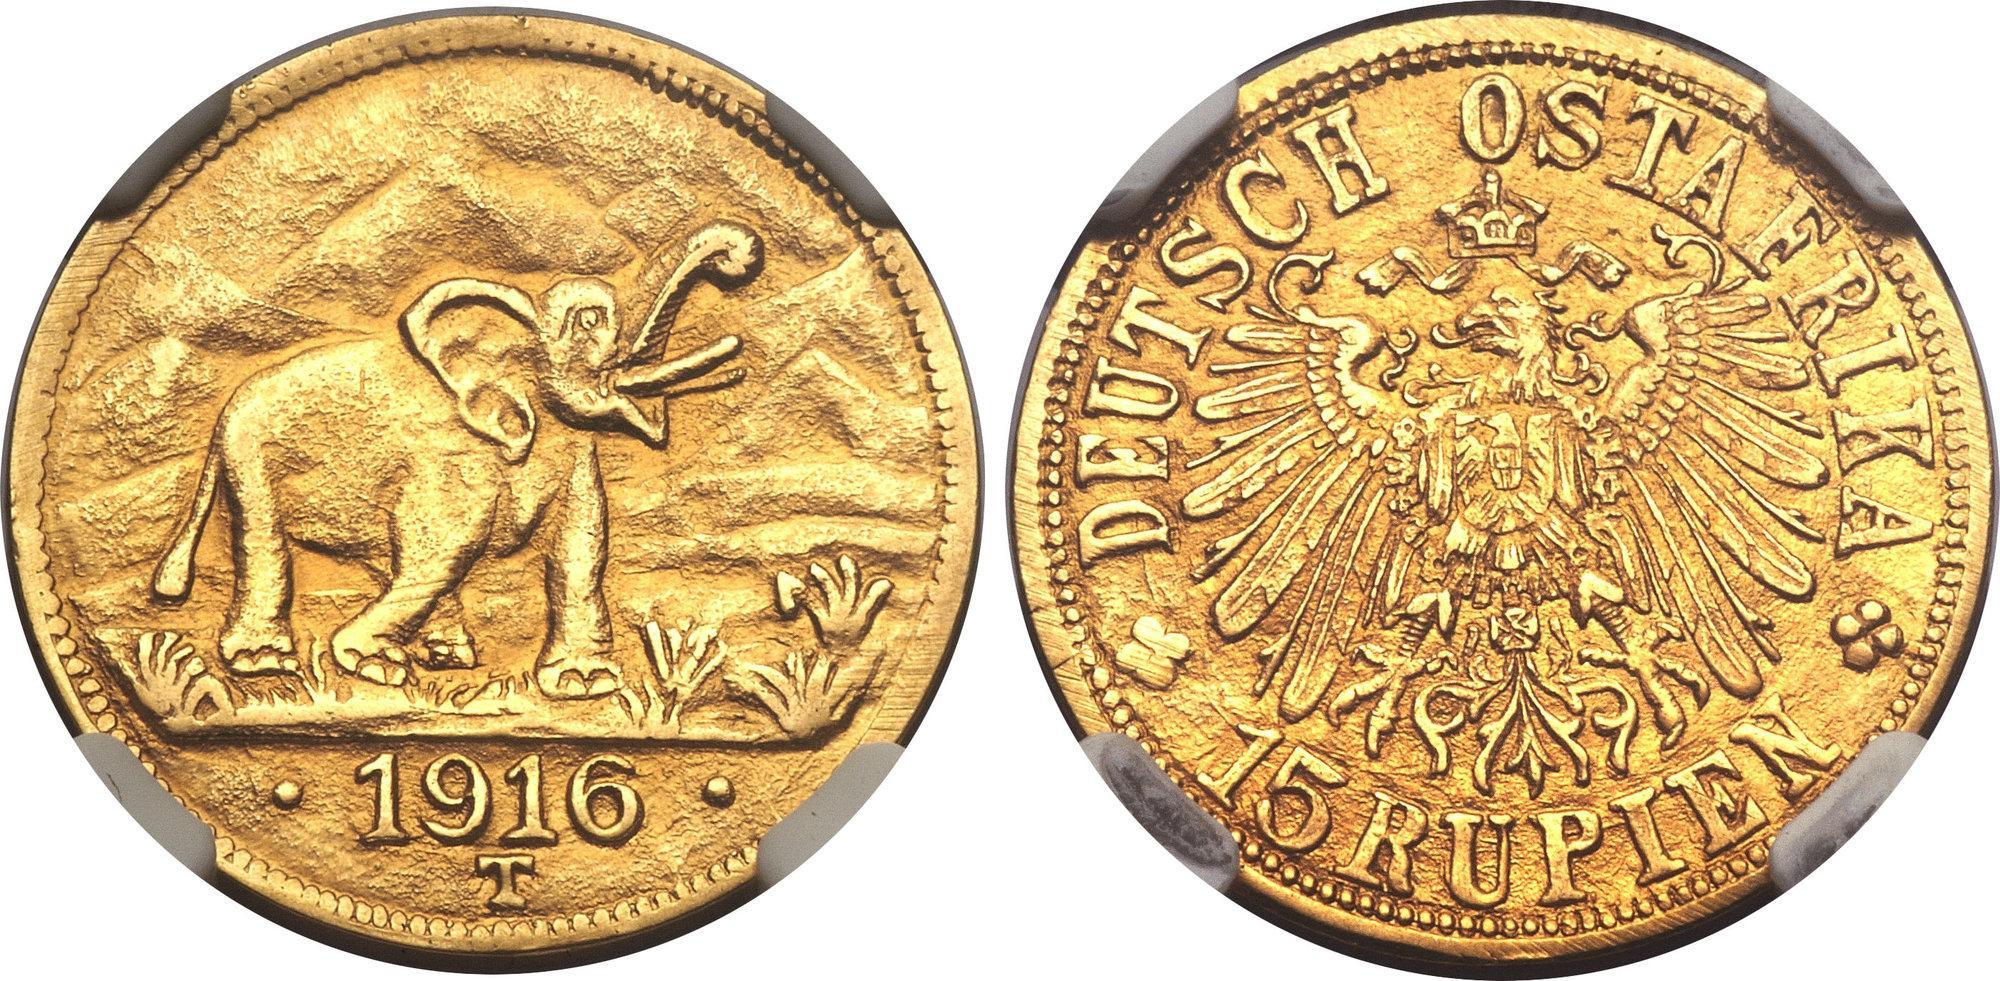 Eine Aufnahme zeigt die Münze, die Geremskel ausgewählt hat